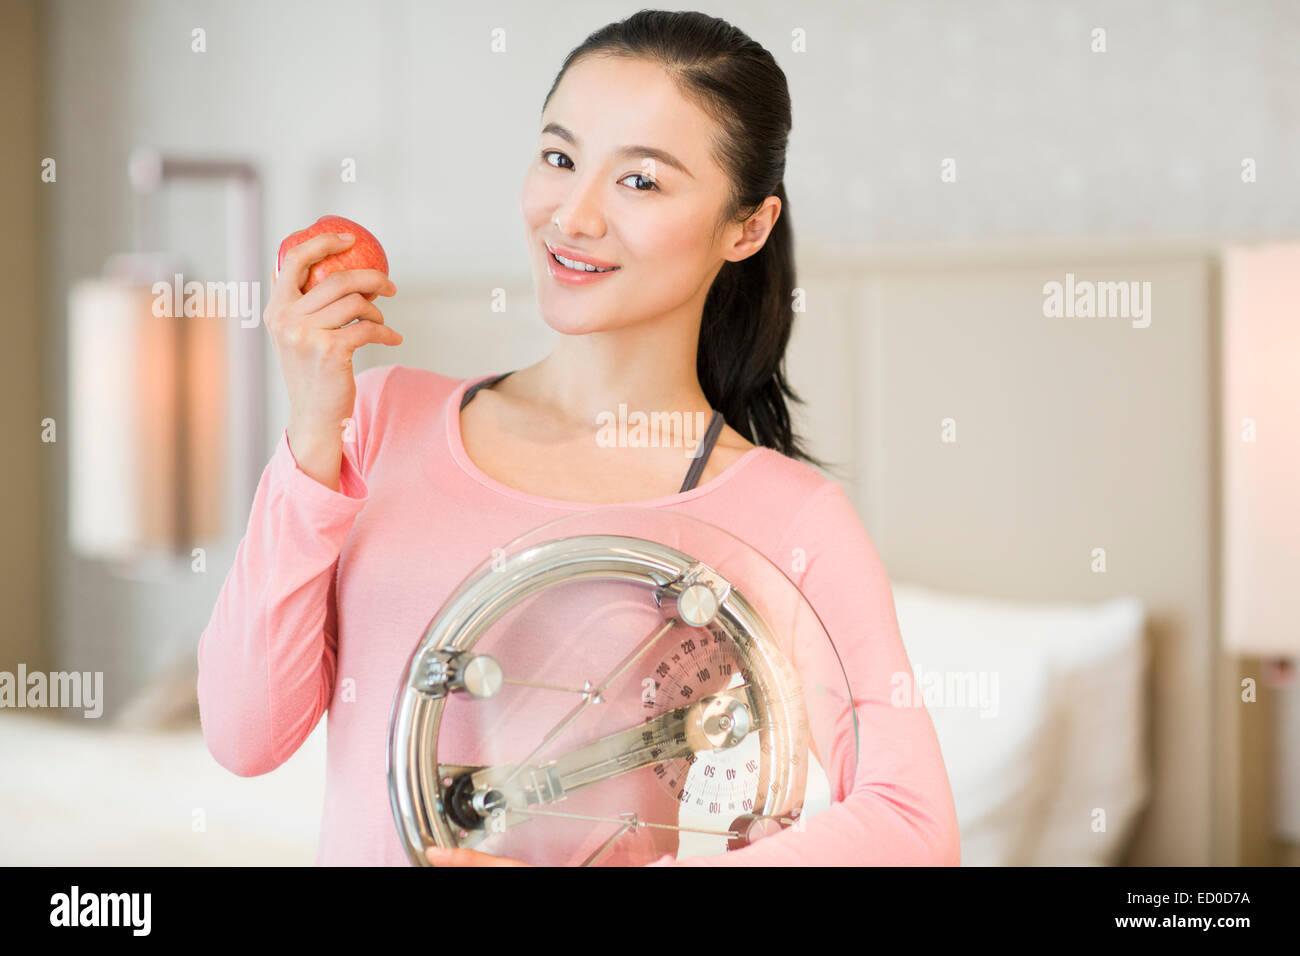 Happy young woman holding apple et l'échelle de poids Photo Stock